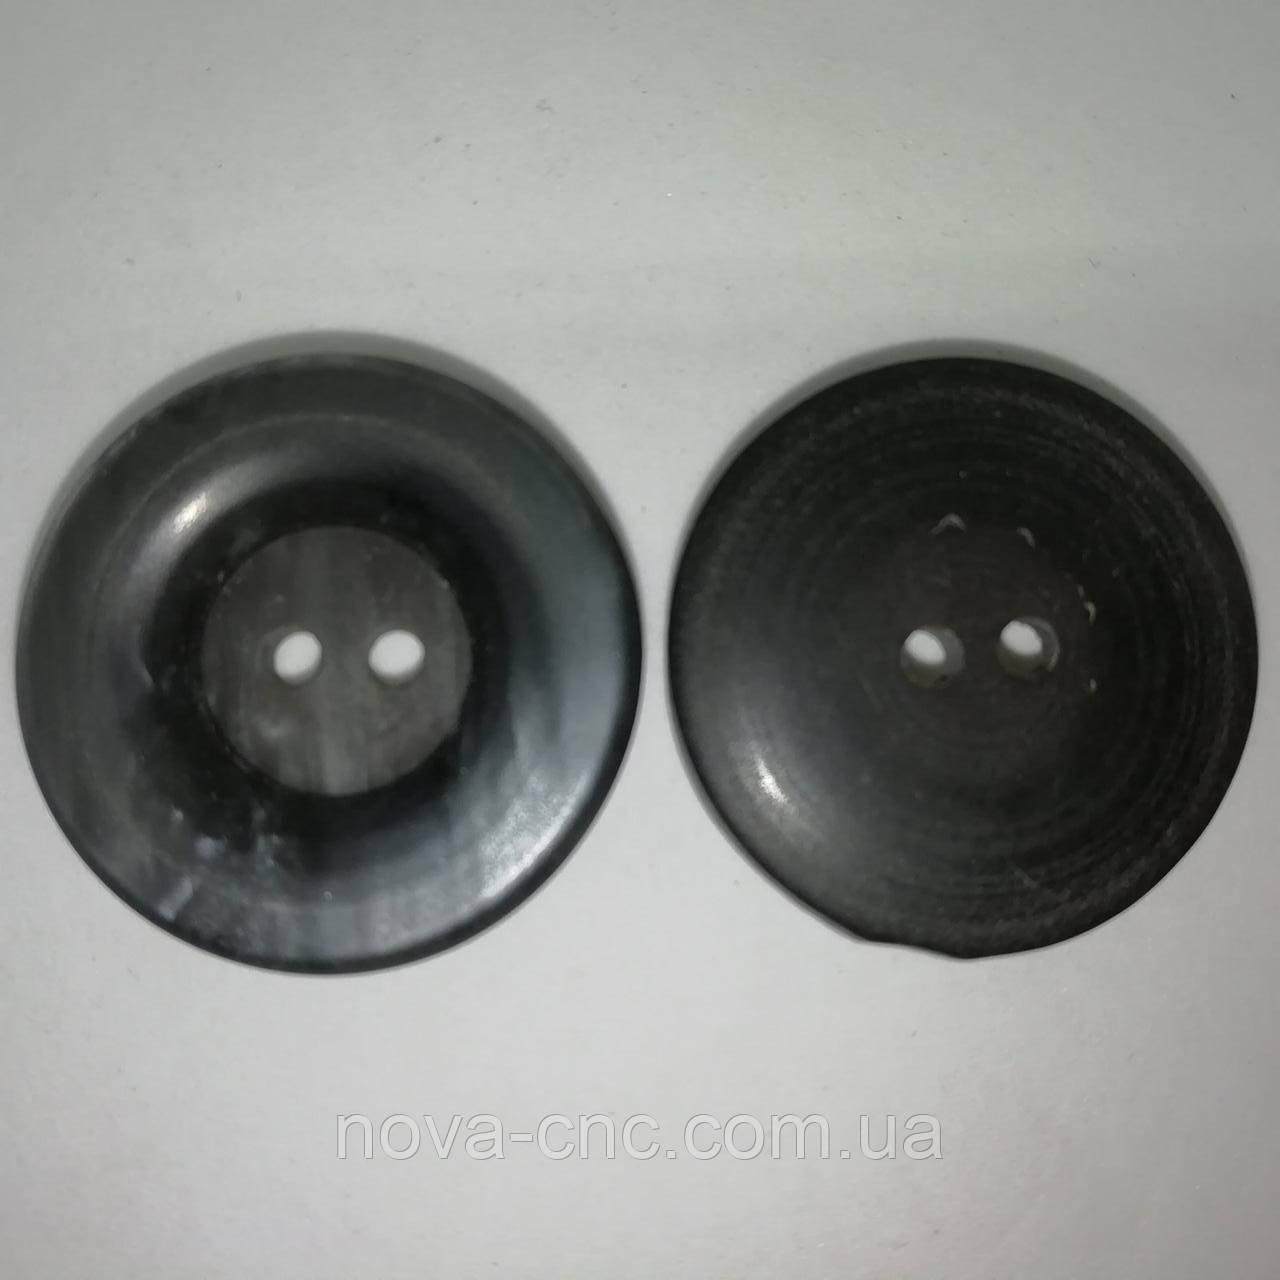 Пуговица для верхней одежды пластмассовая 25 мм Цвет темно-серый Упаковка 550 штук